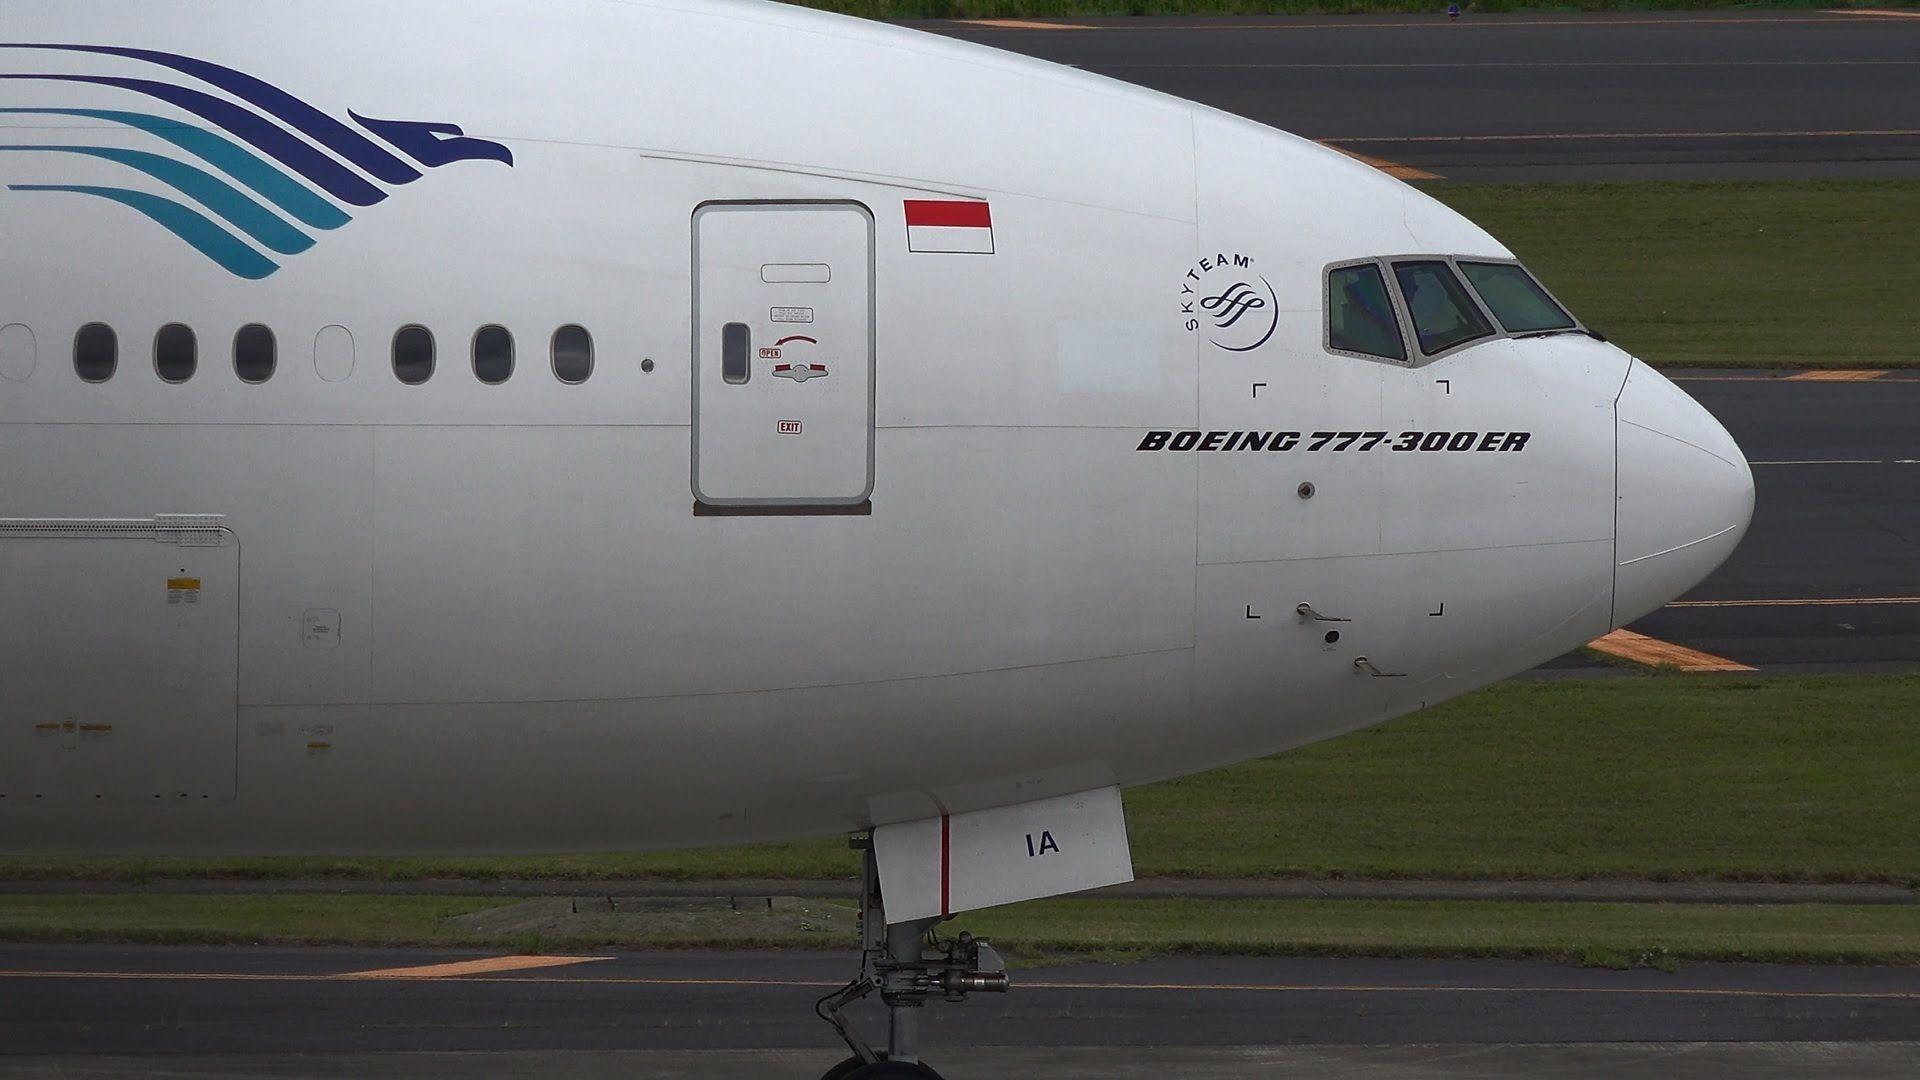 Garuda Indonesia Boeing 777300ER PKGIA [NRT/RJAA